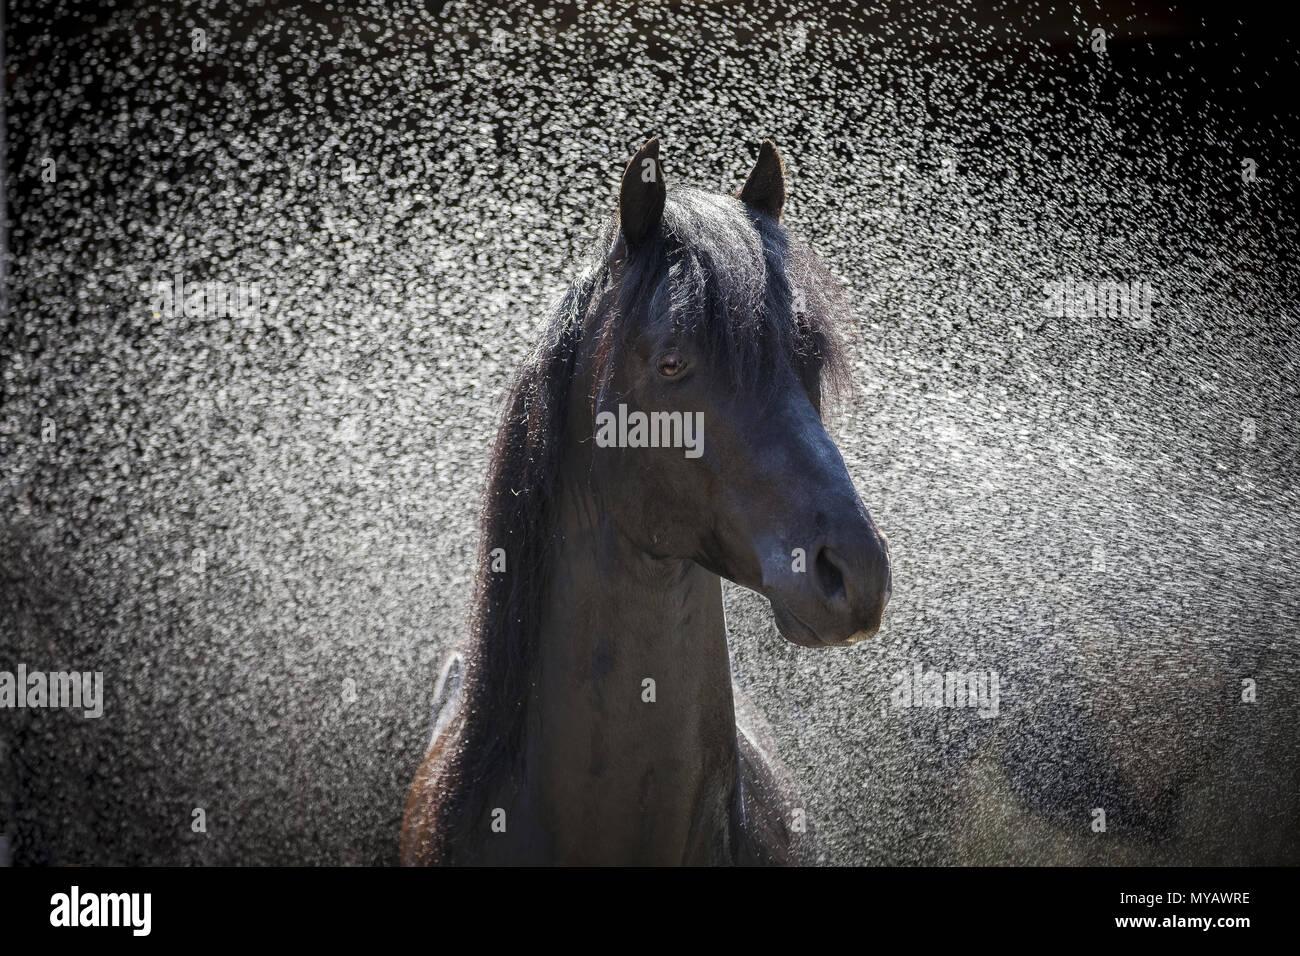 Paso Fino. Portrait de l'étalon noir au cours du lavage. Allemagne Banque D'Images